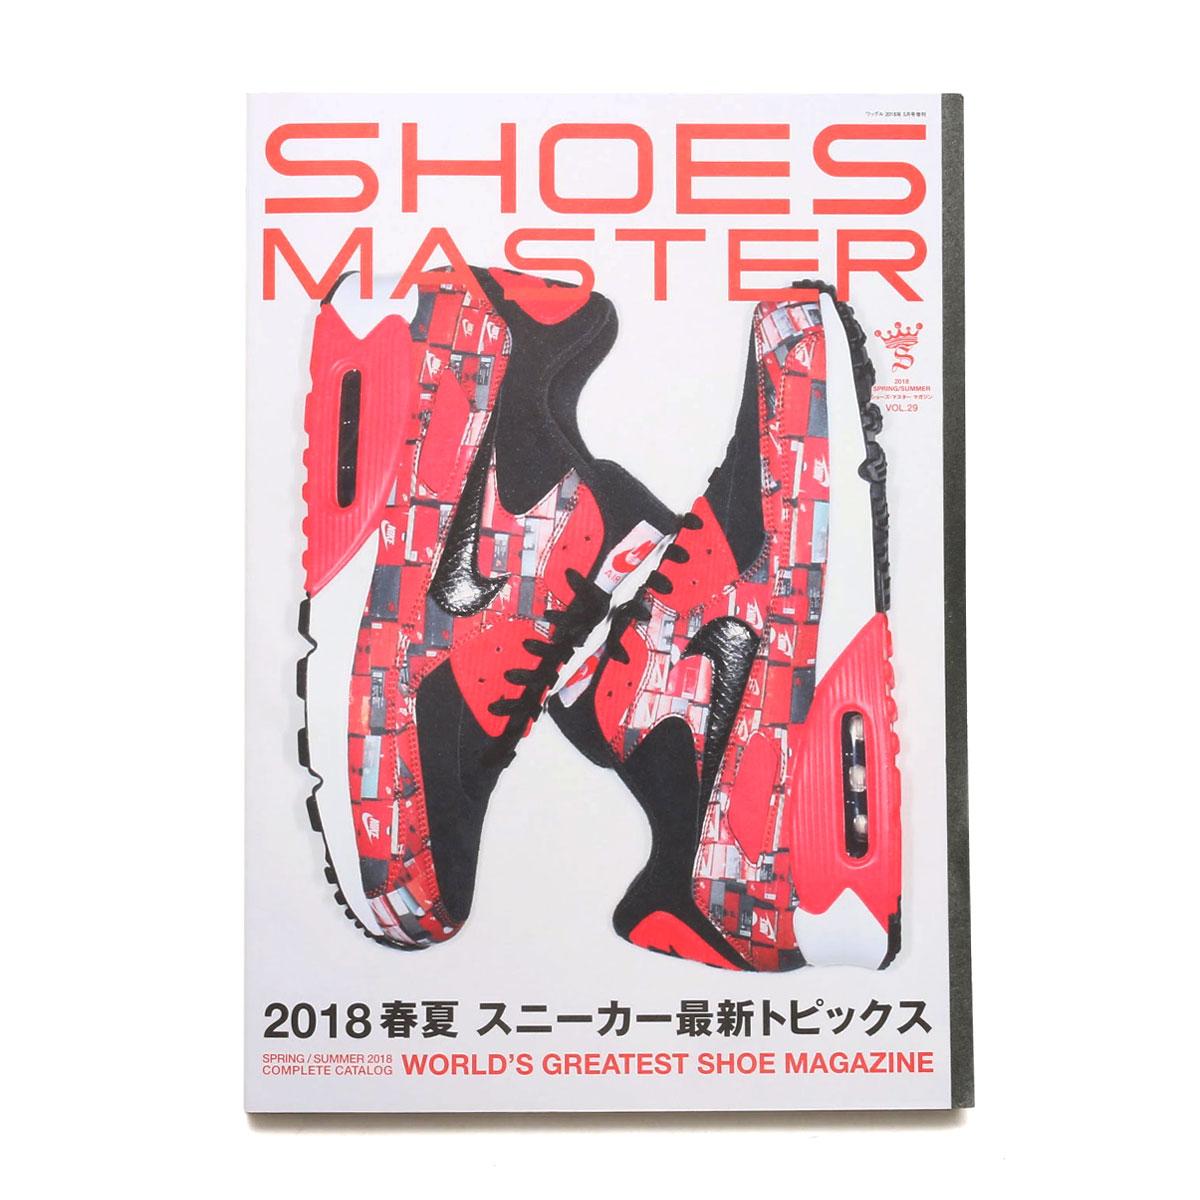 雑誌 『SHOES MASTER vol.29』 掲載